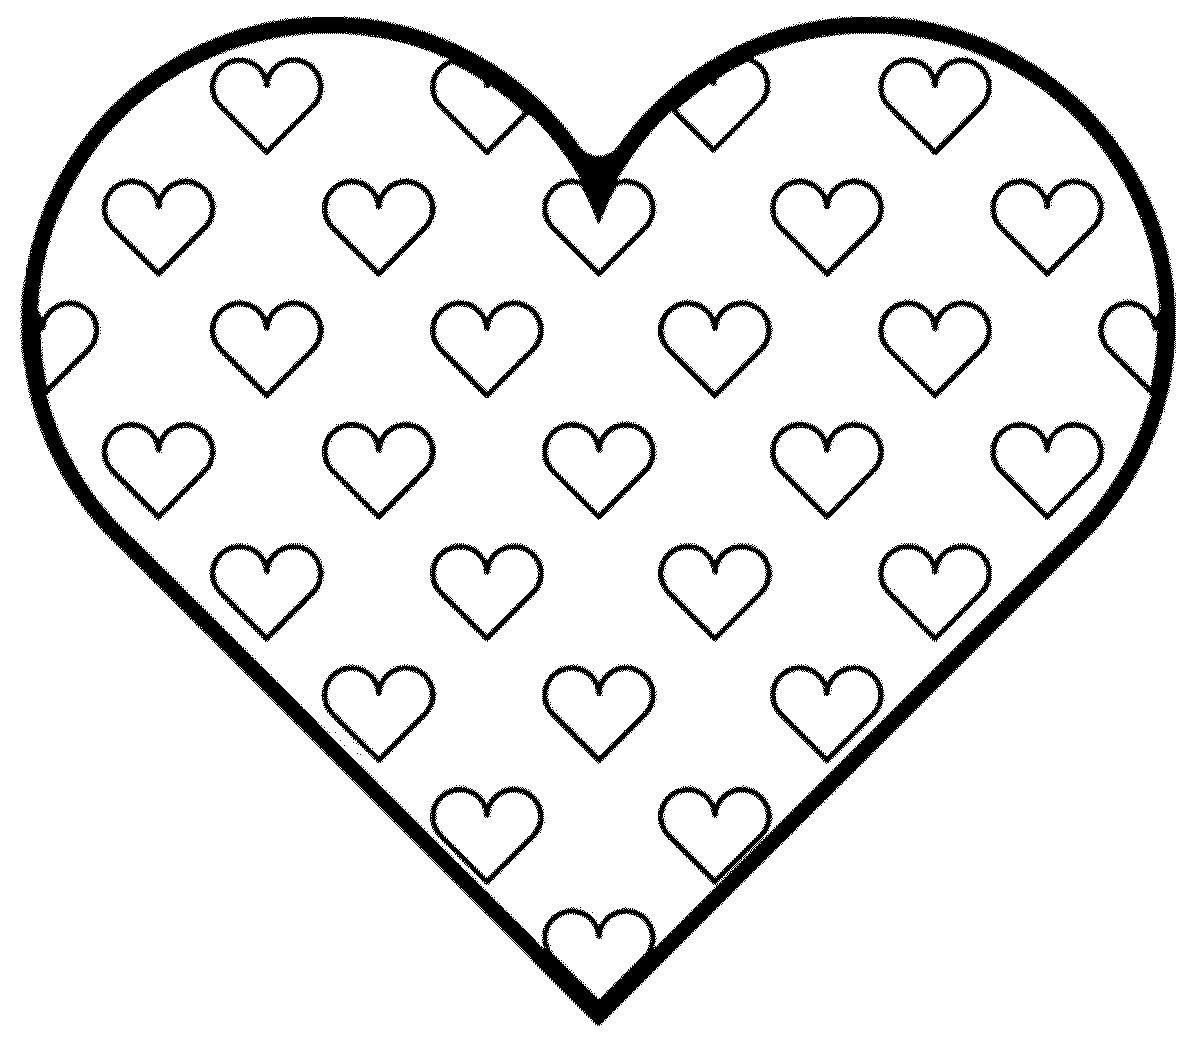 Раскраска сердечко картинки